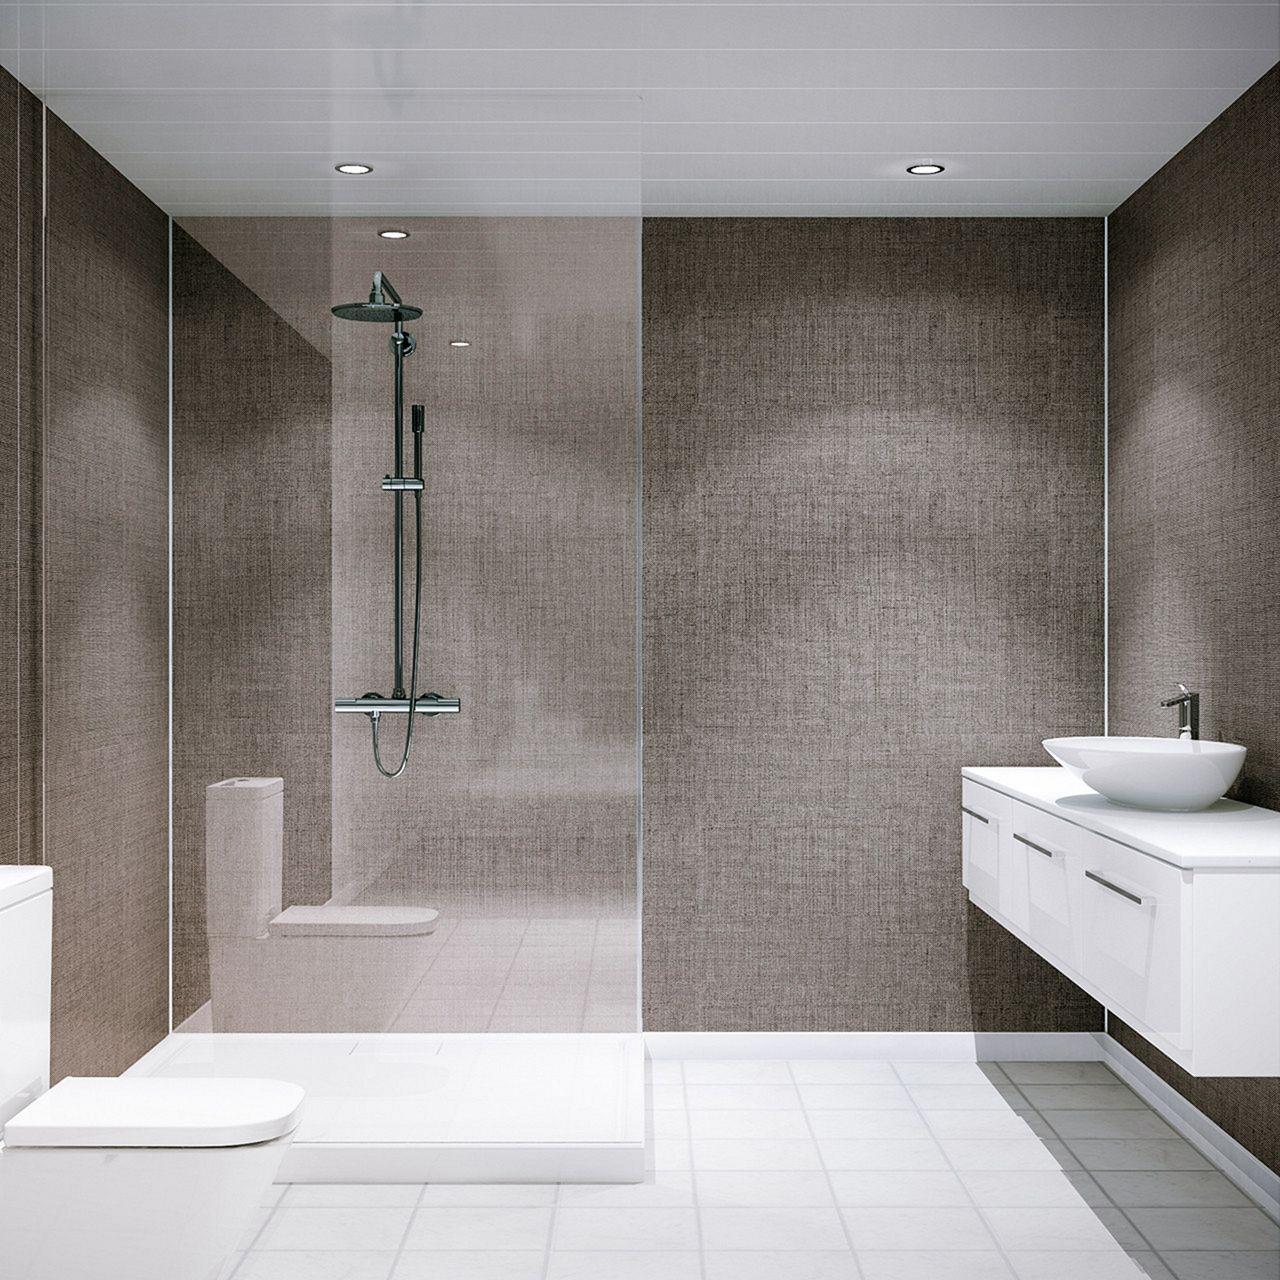 17 Unique Bathroom Shower Design That Looks More Comfort In 2020